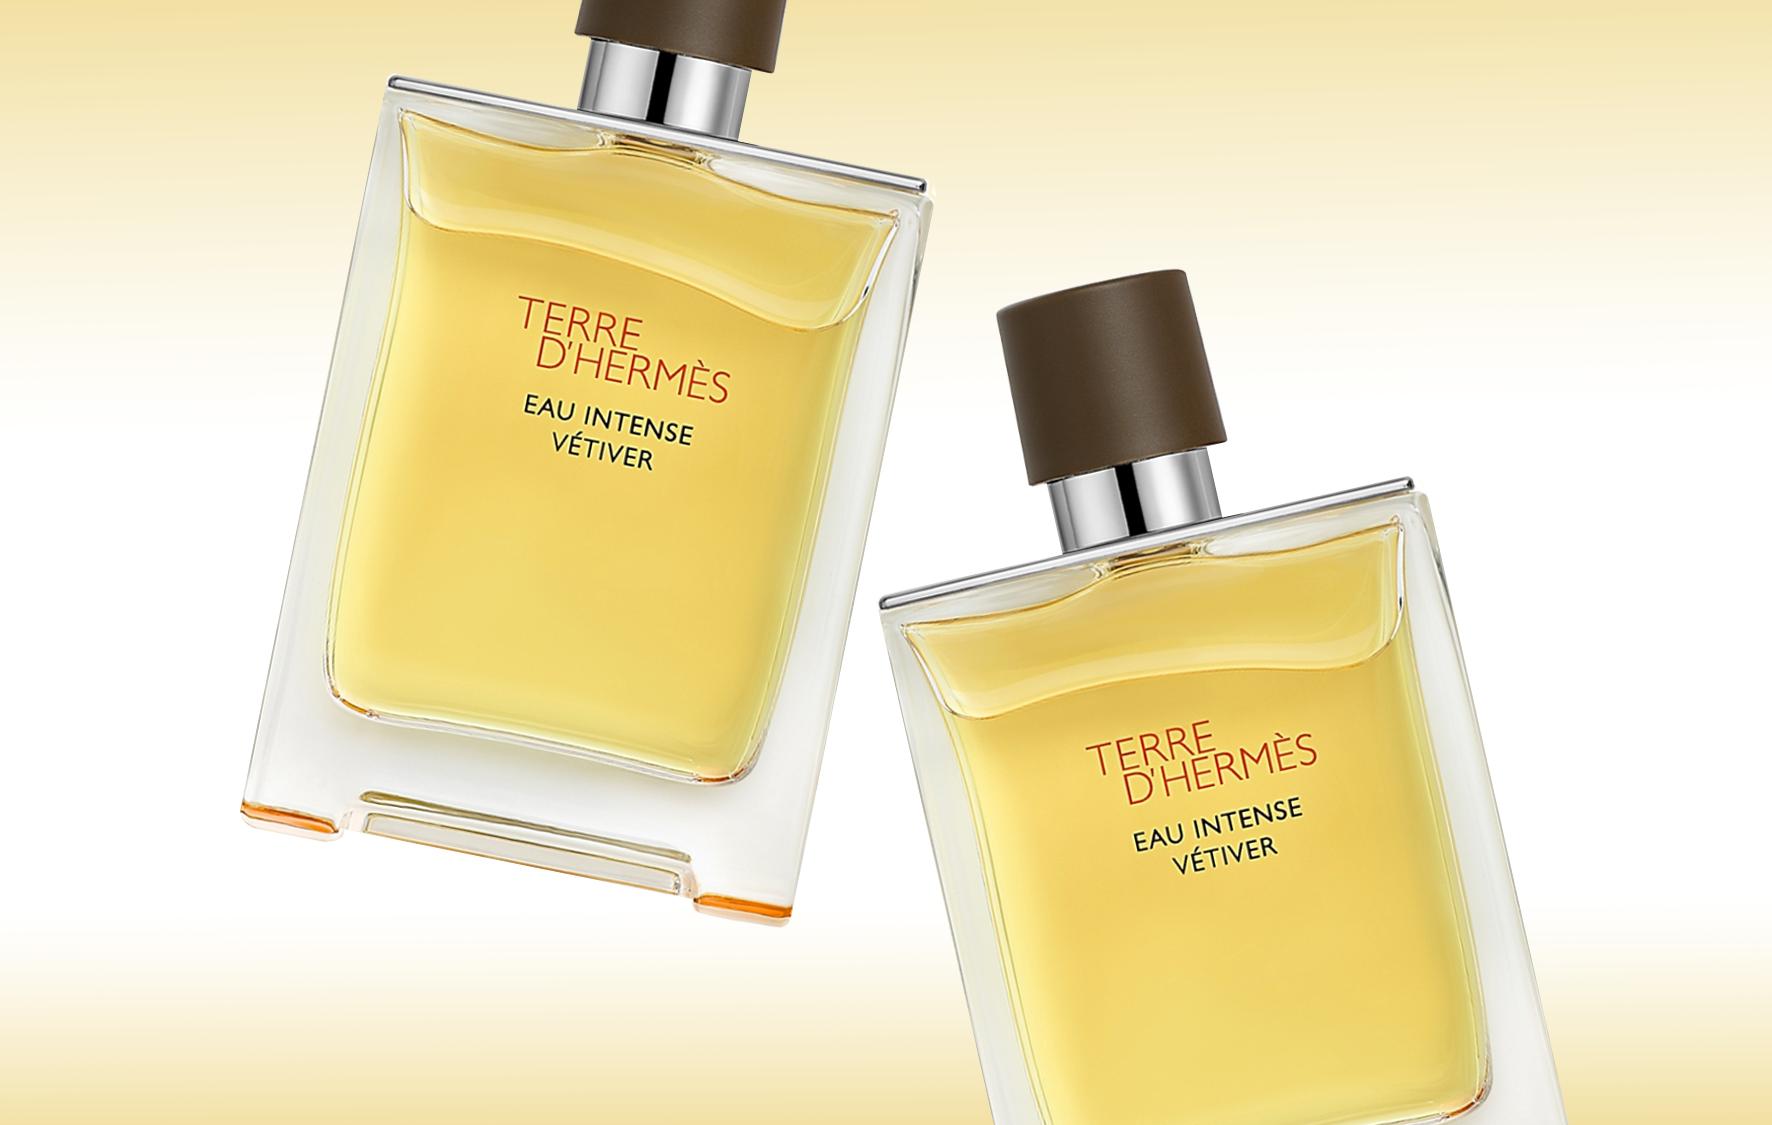 Huizer Wim Kos koopt één flesje Terre d'Hermès voor de prijs van twee